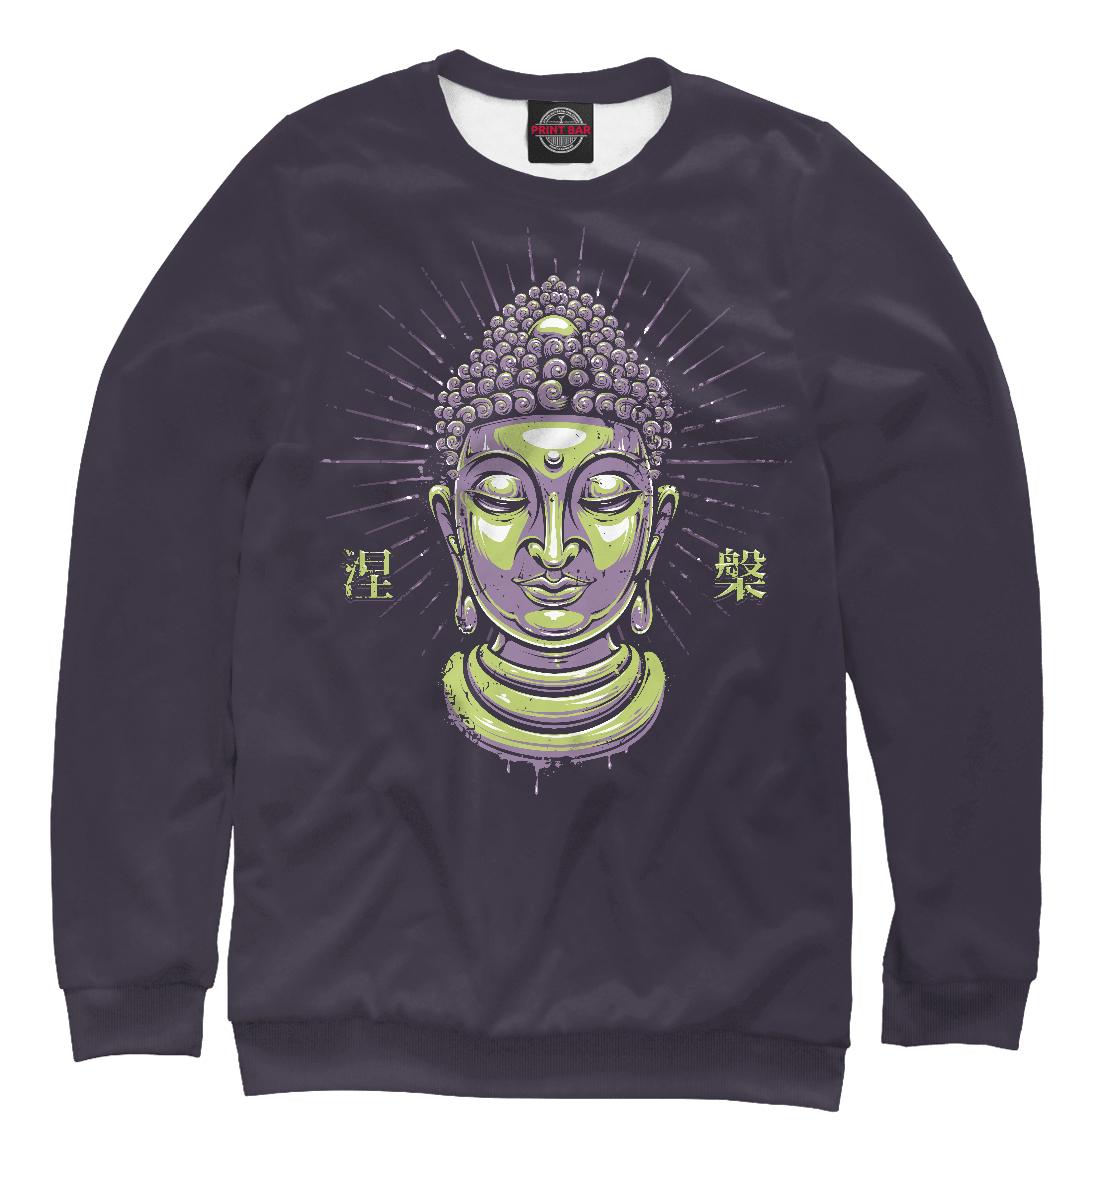 Купить Будда, Printbar, Свитшоты, PSY-298373-swi-1